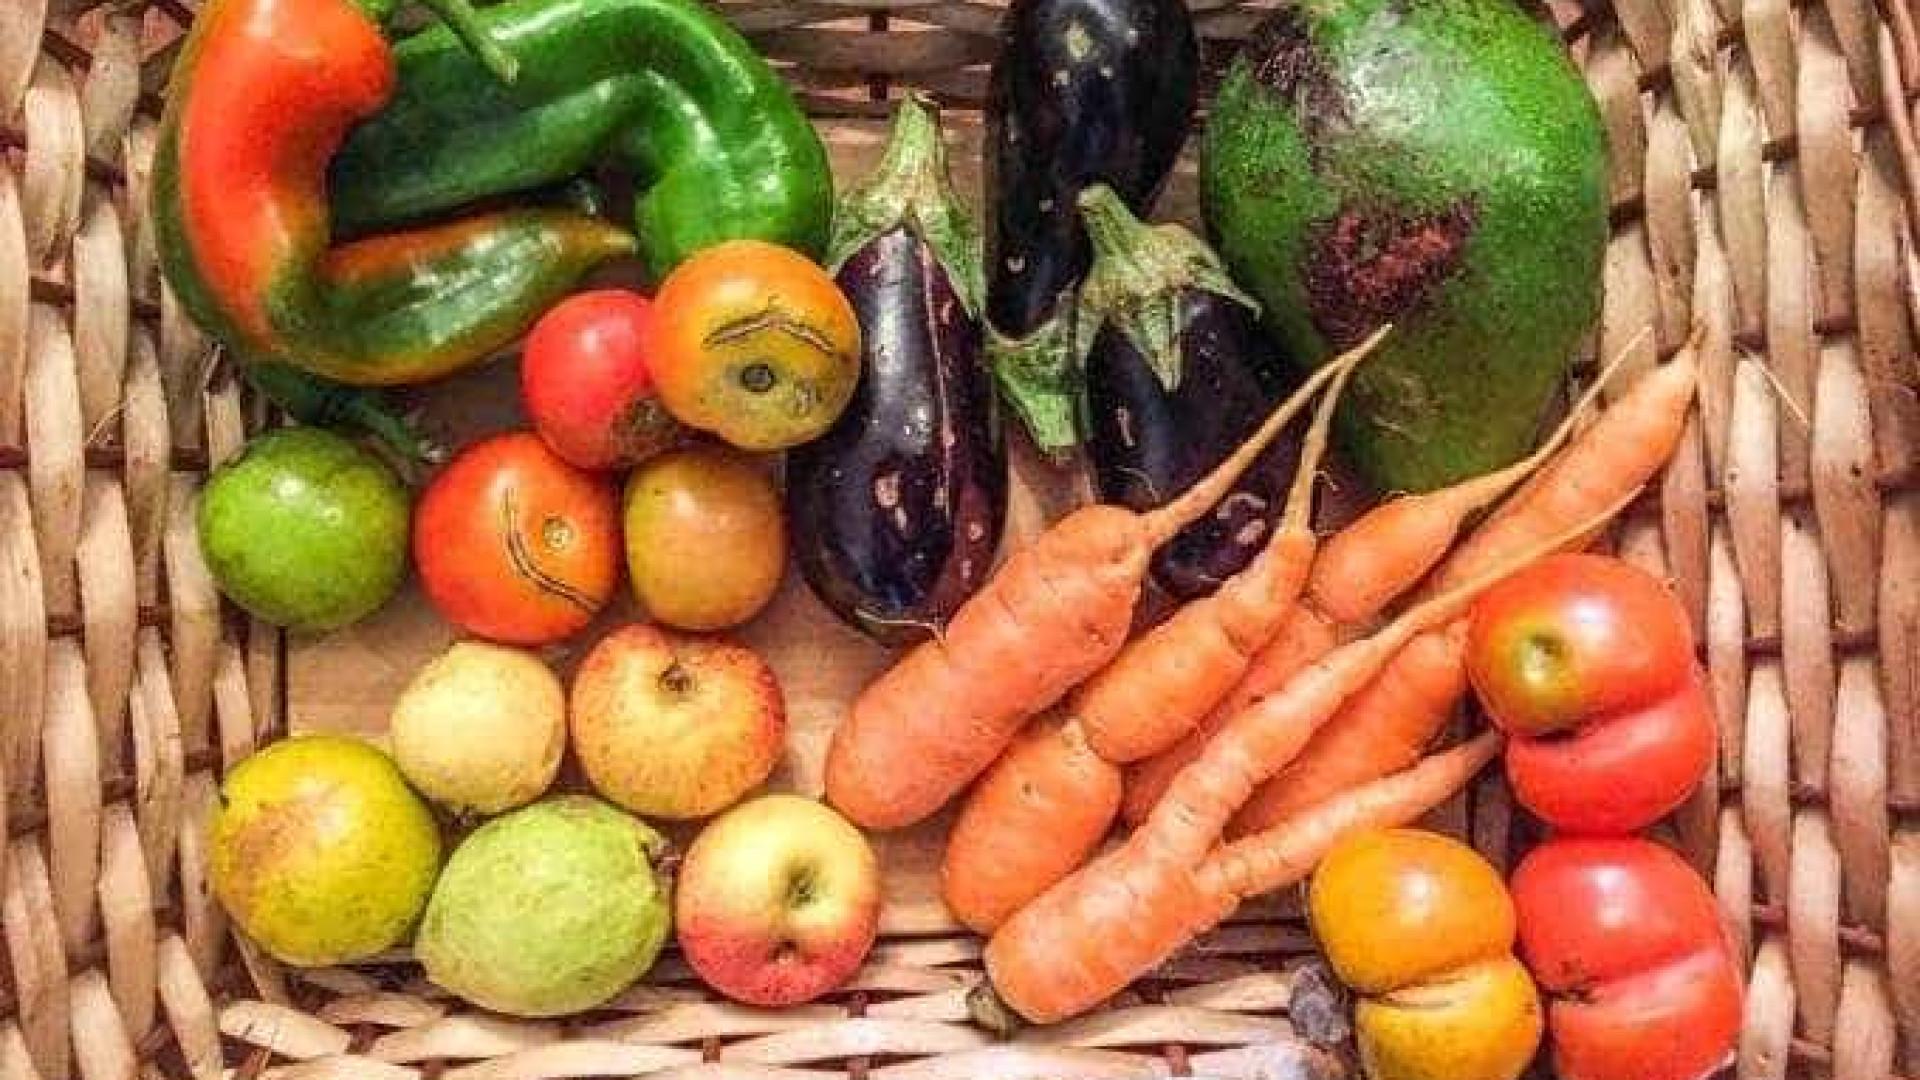 Fruta Imperfeita já salvou 500 toneladas de alimentos 'feios'